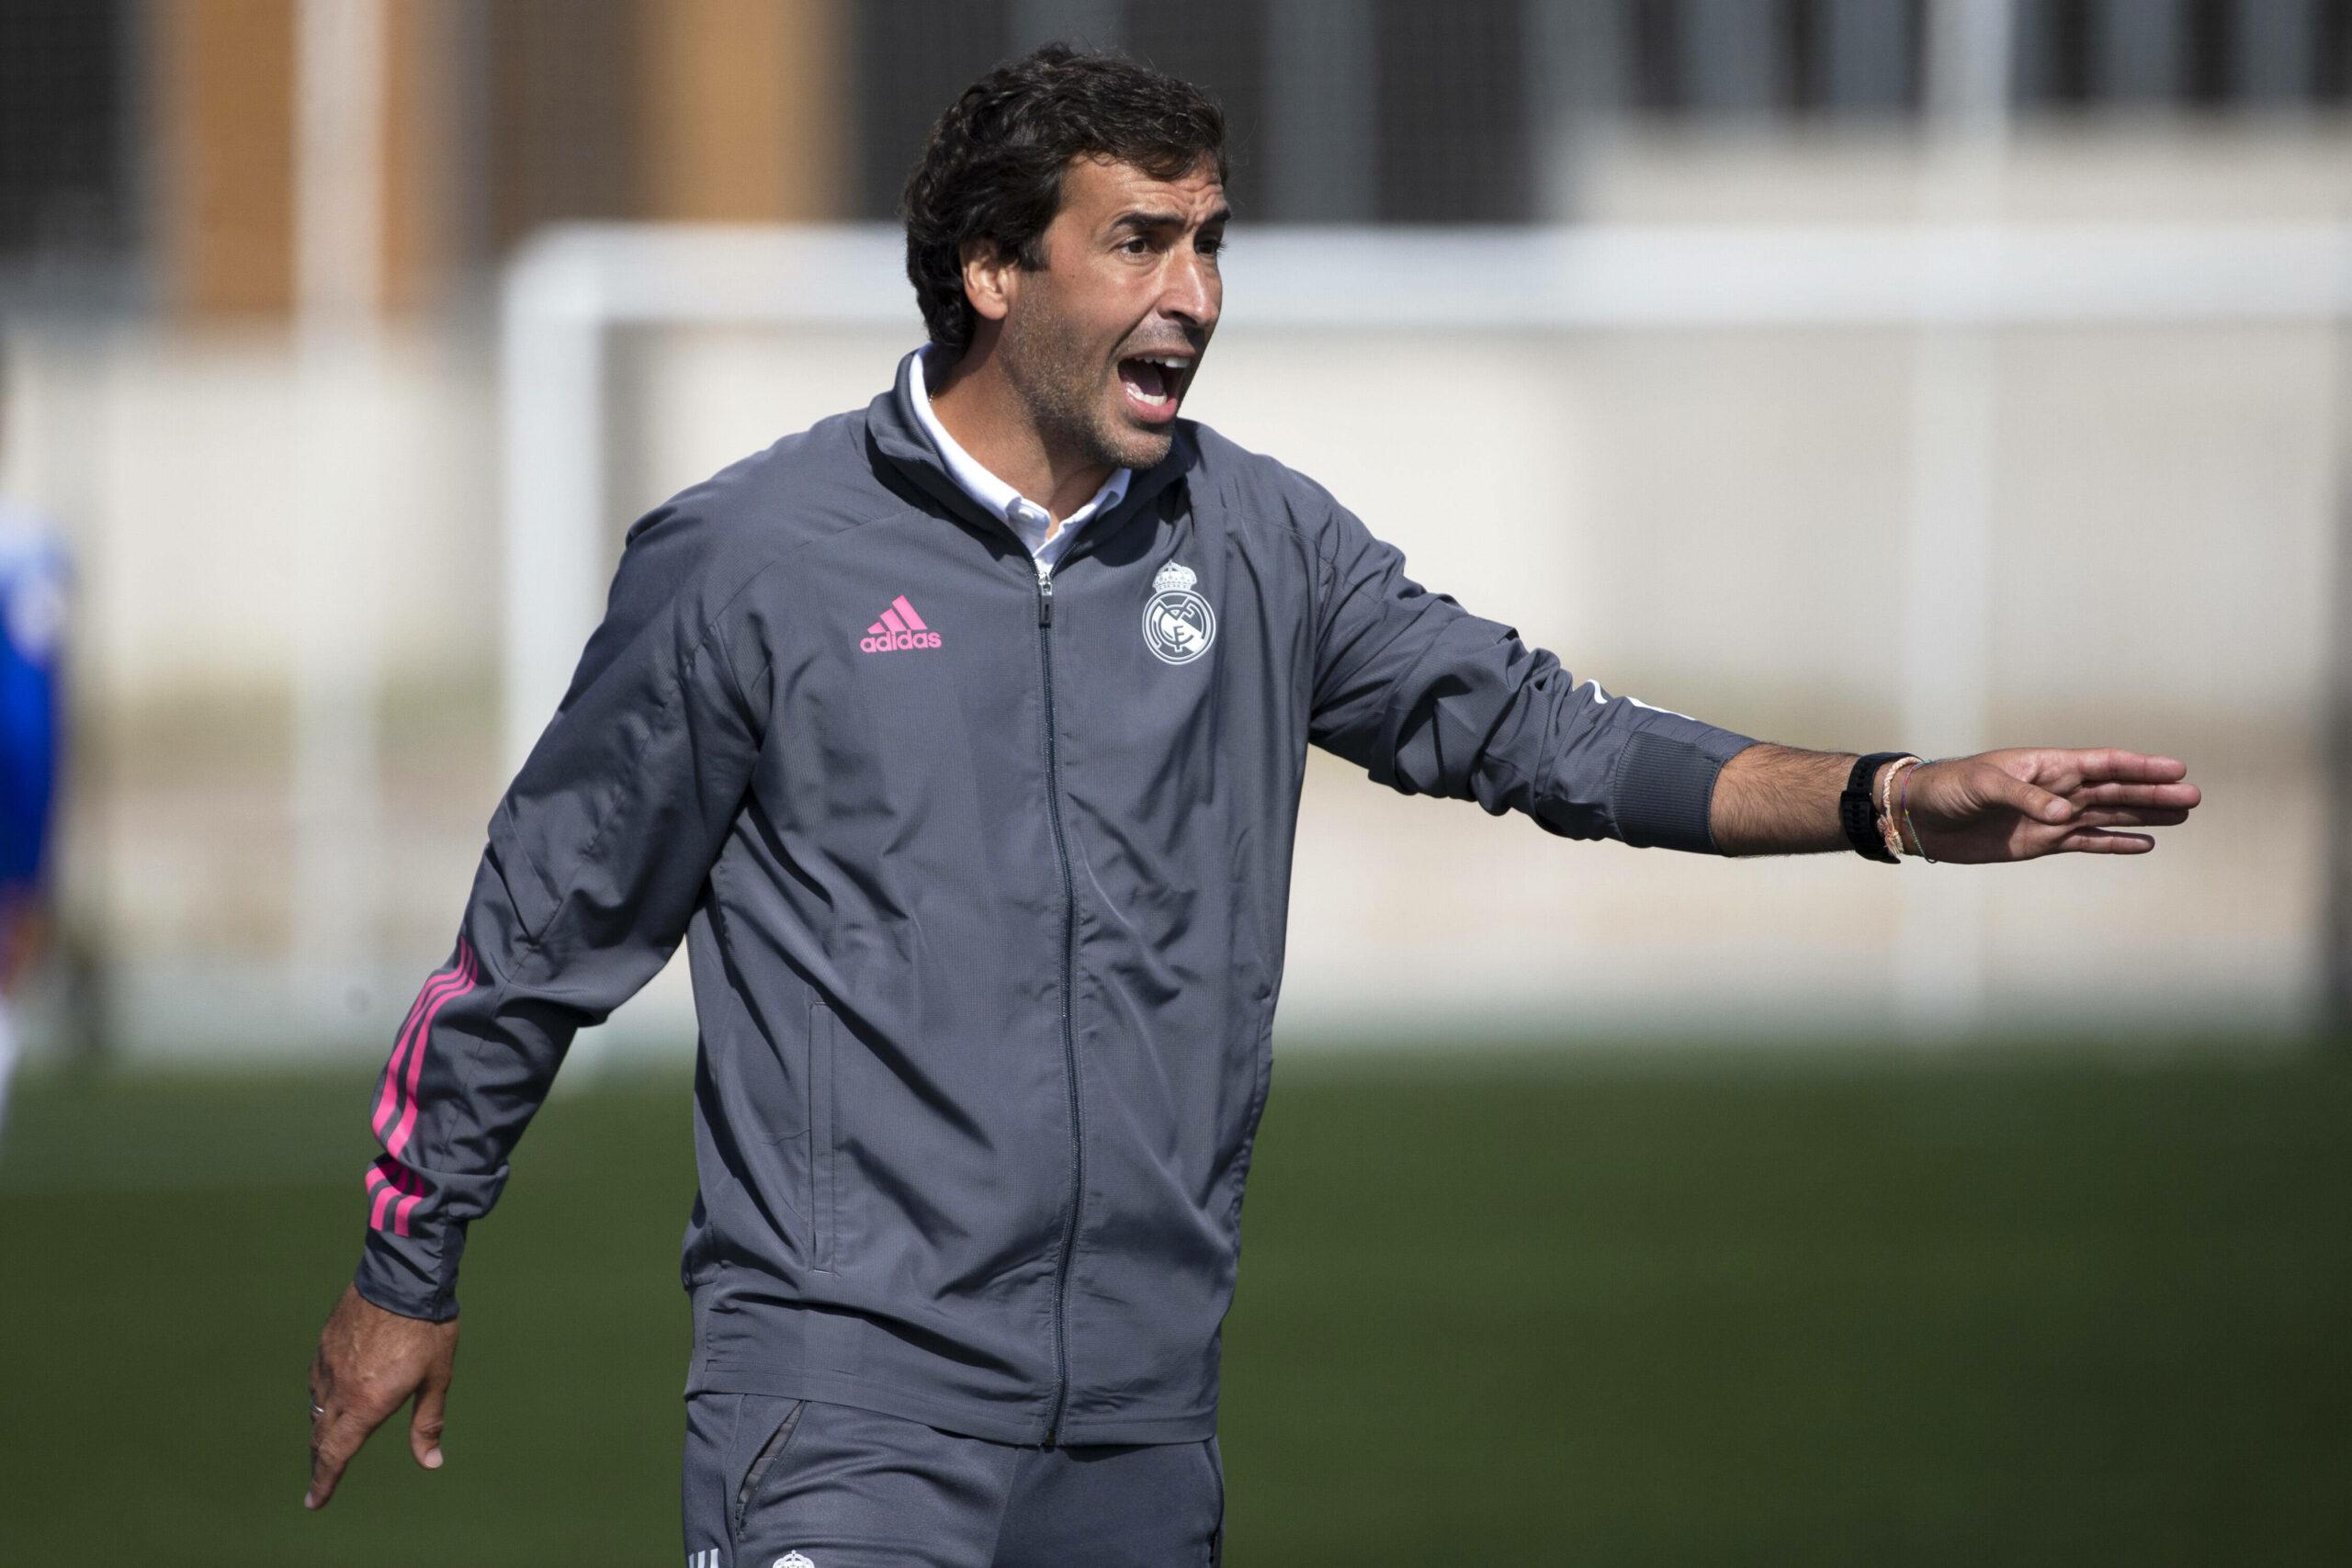 Raúl González Blanco (Real Madrid) trainiert